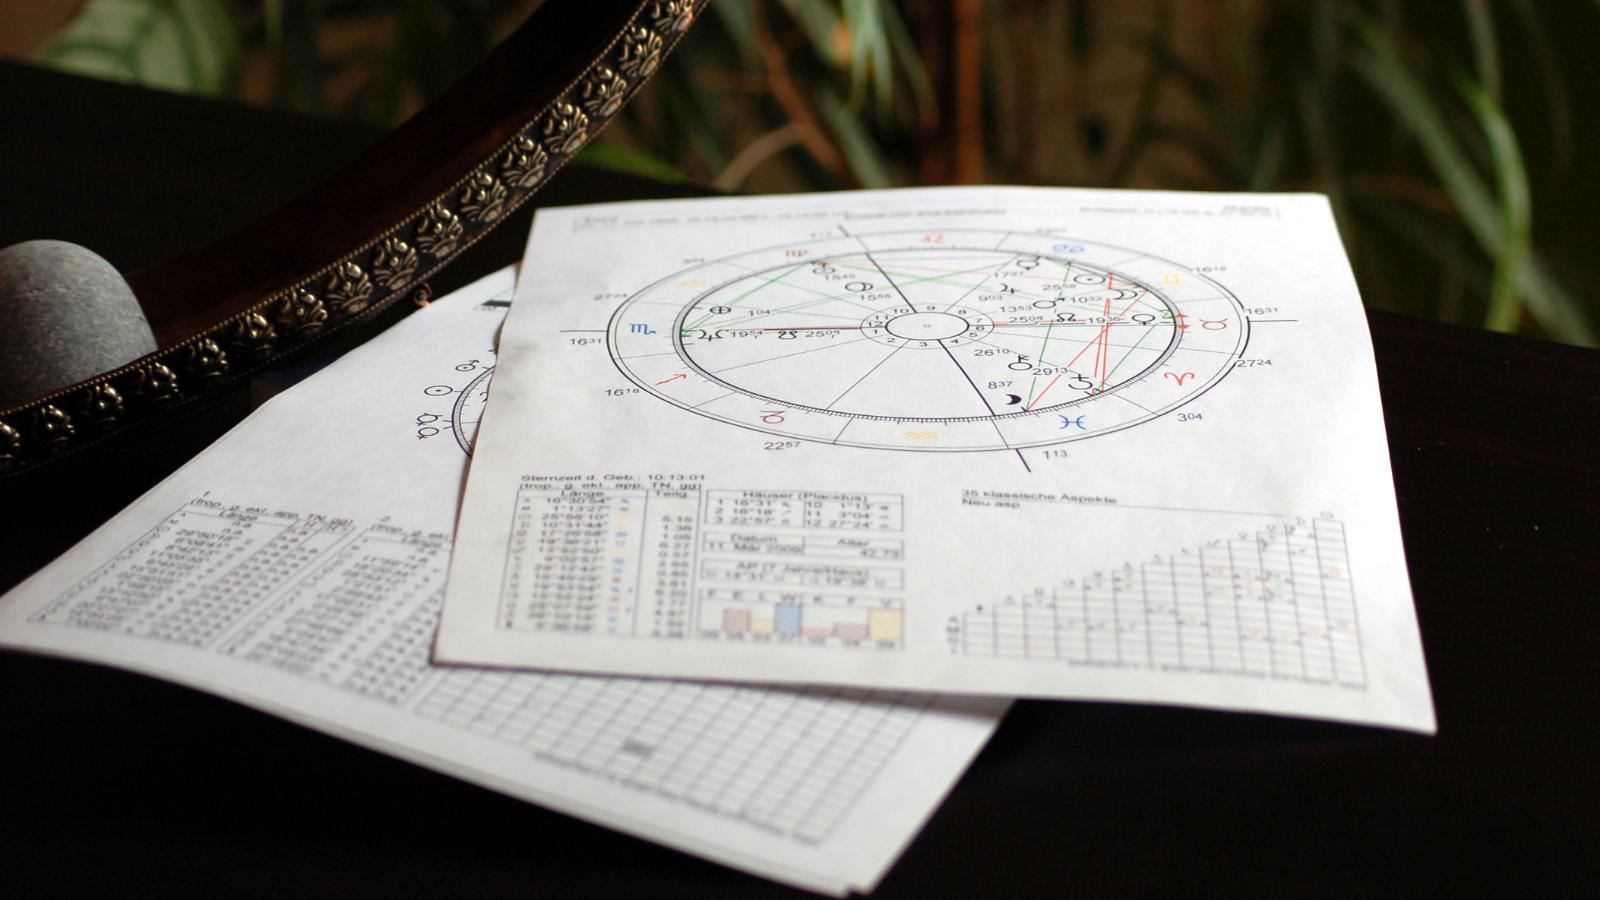 horoscope-today-august-4-2021-here-are-the-astrological-predictions-for-aries-taurus-gemini-cancer-leo-virgo-libra-scorpio-sagittarius-capricorn-aquarius-and-pisces